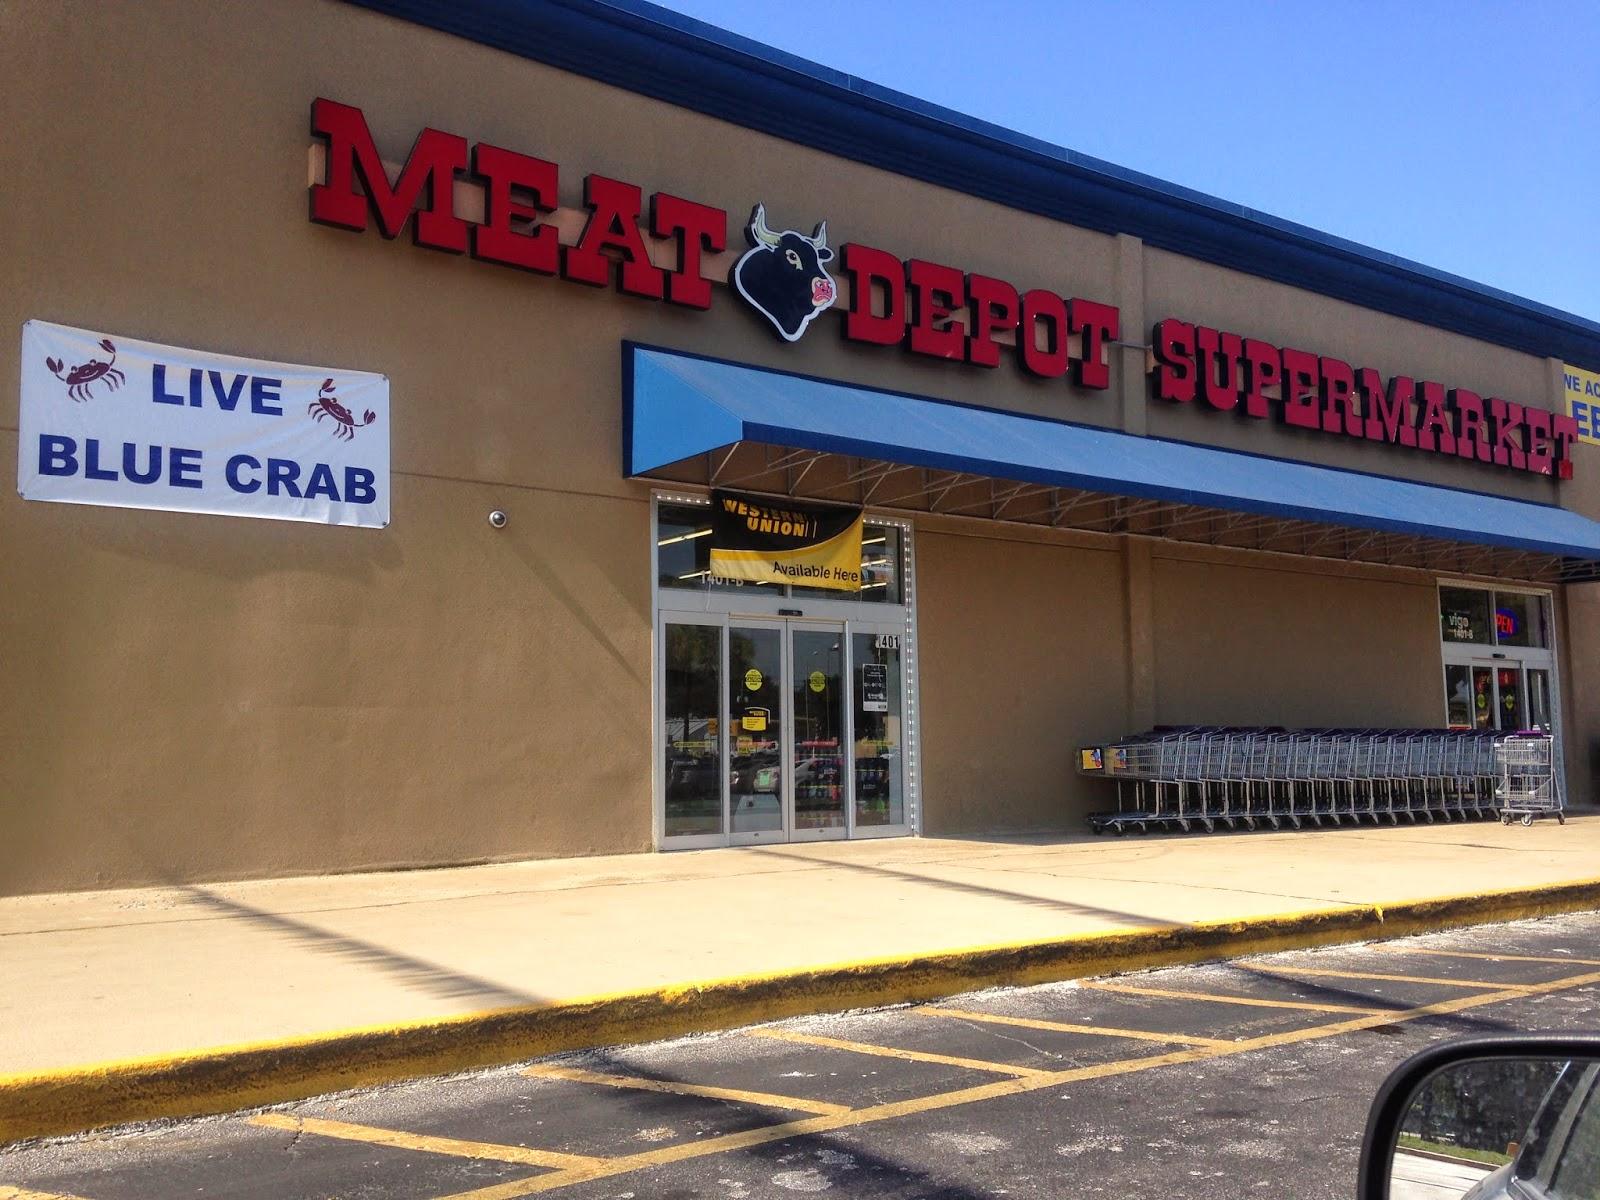 MeatDepotStorefront.JPG